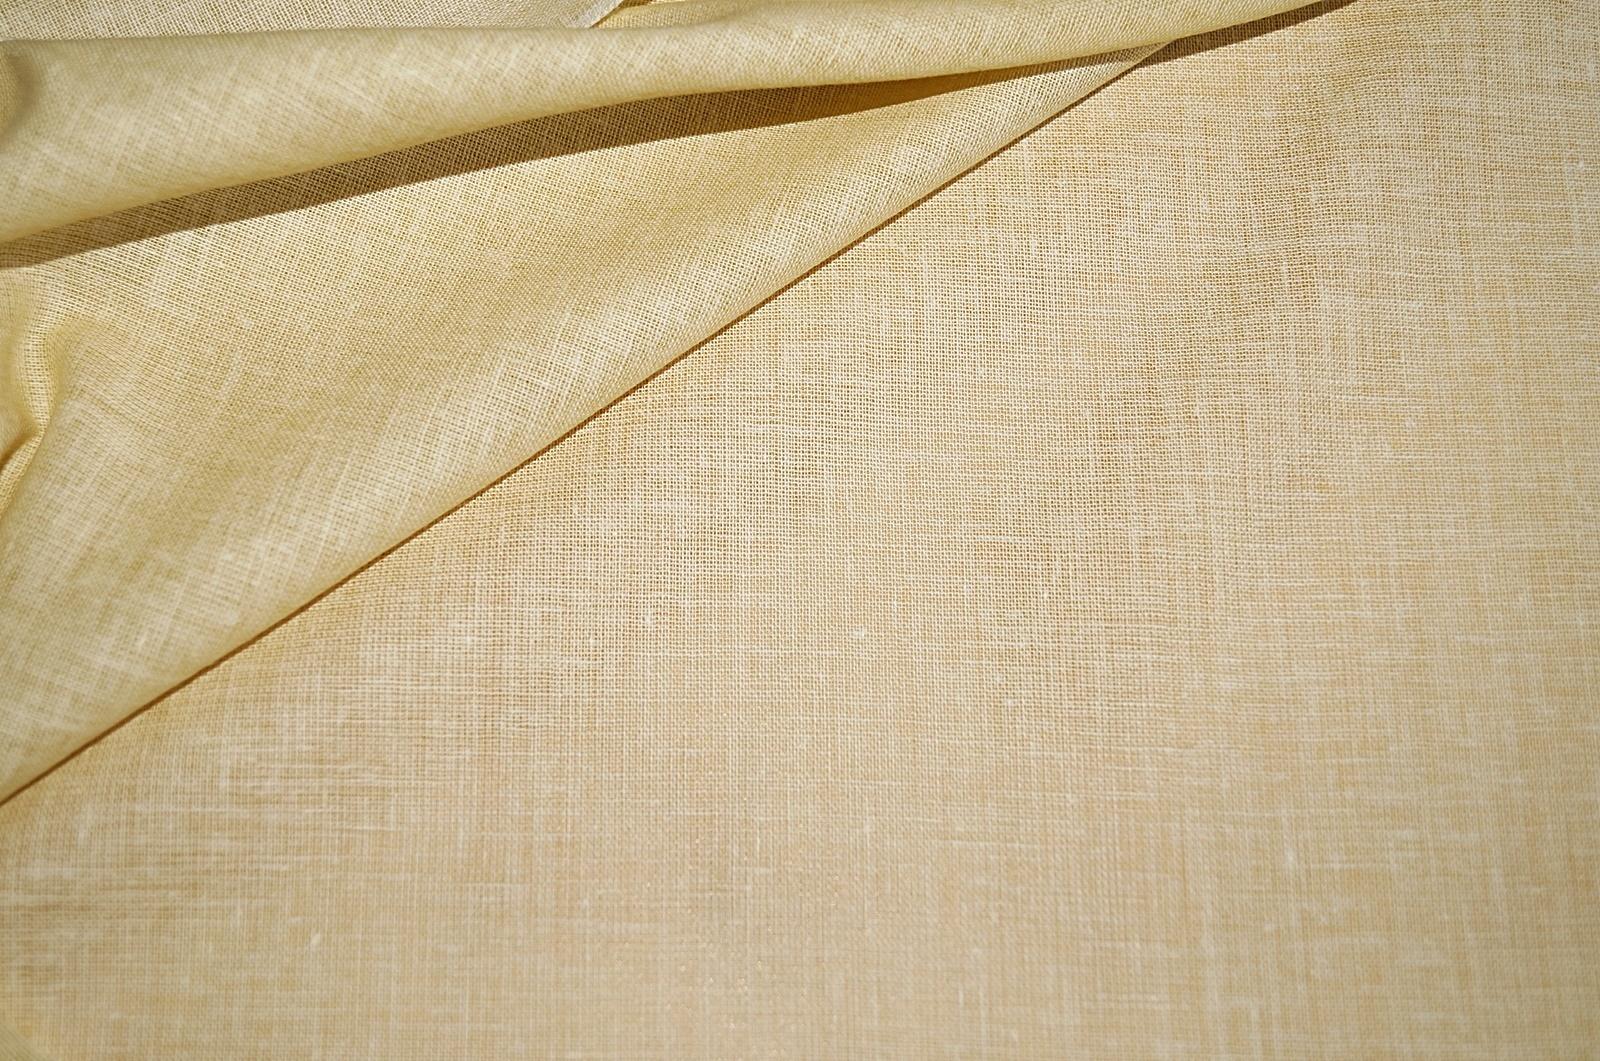 stoffe aus baumwolle d nner baumwollstoff beige meliert. Black Bedroom Furniture Sets. Home Design Ideas